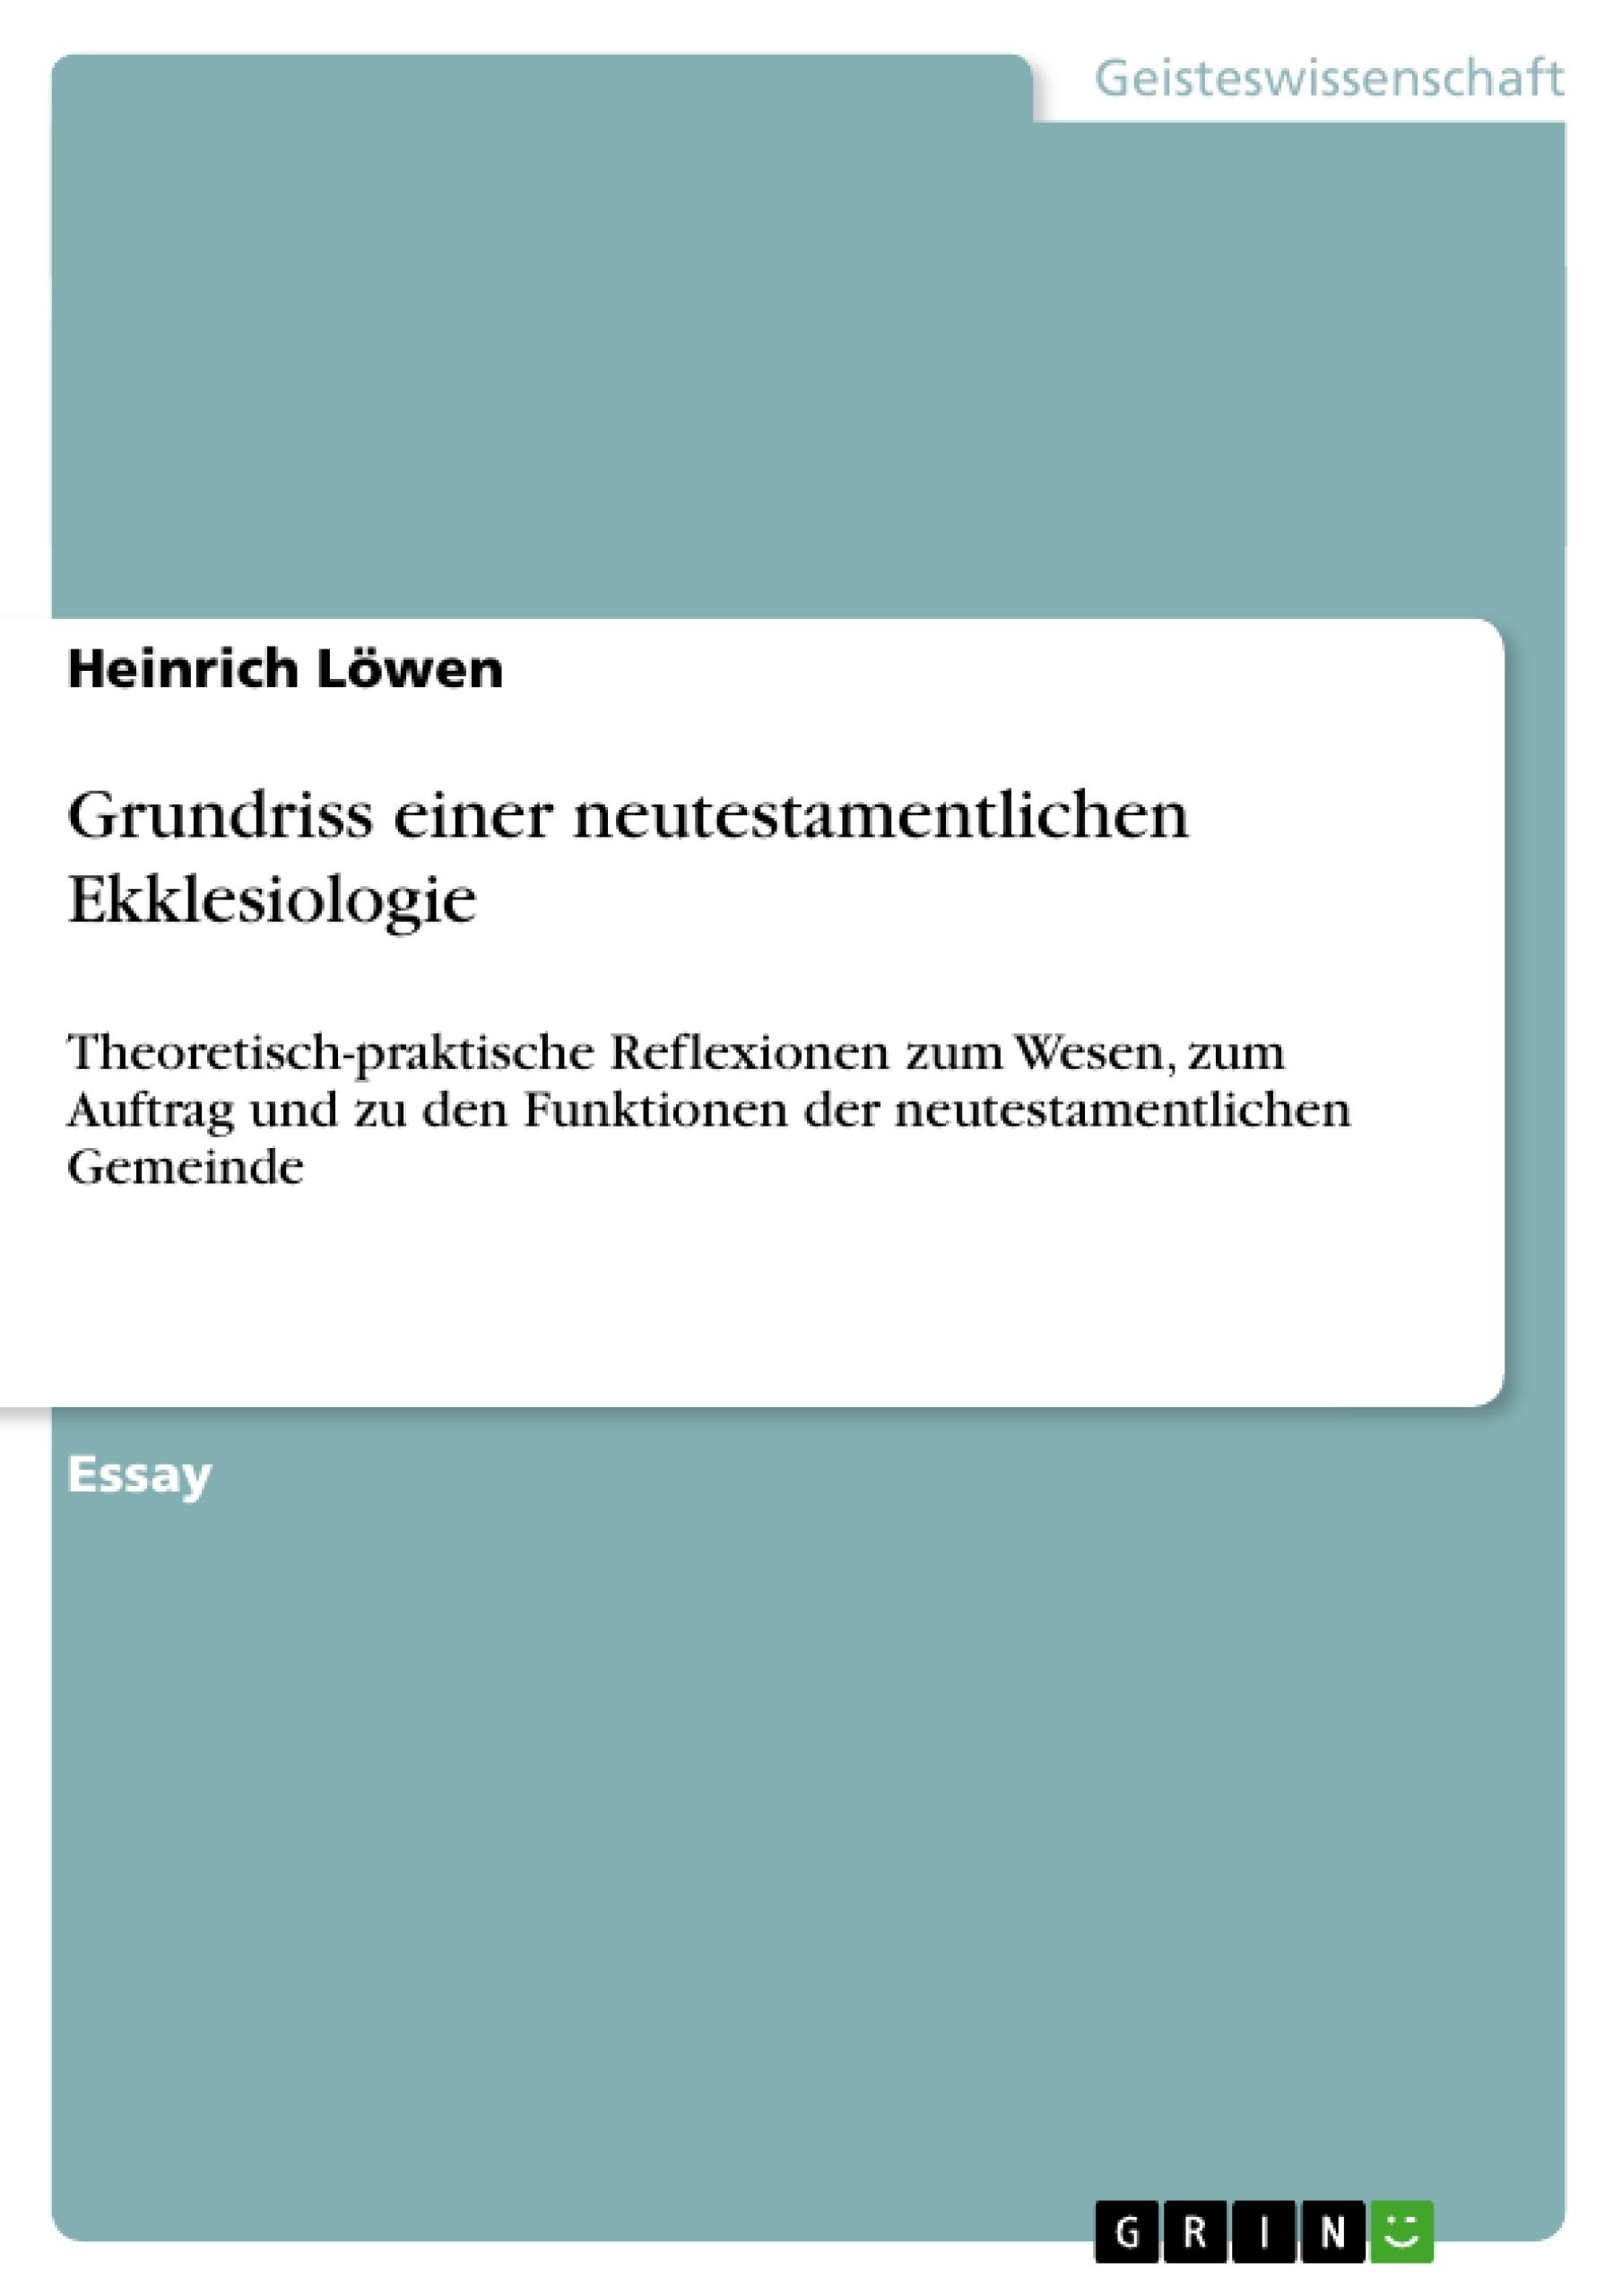 Titel: Grundriss einer neutestamentlichen Ekklesiologie